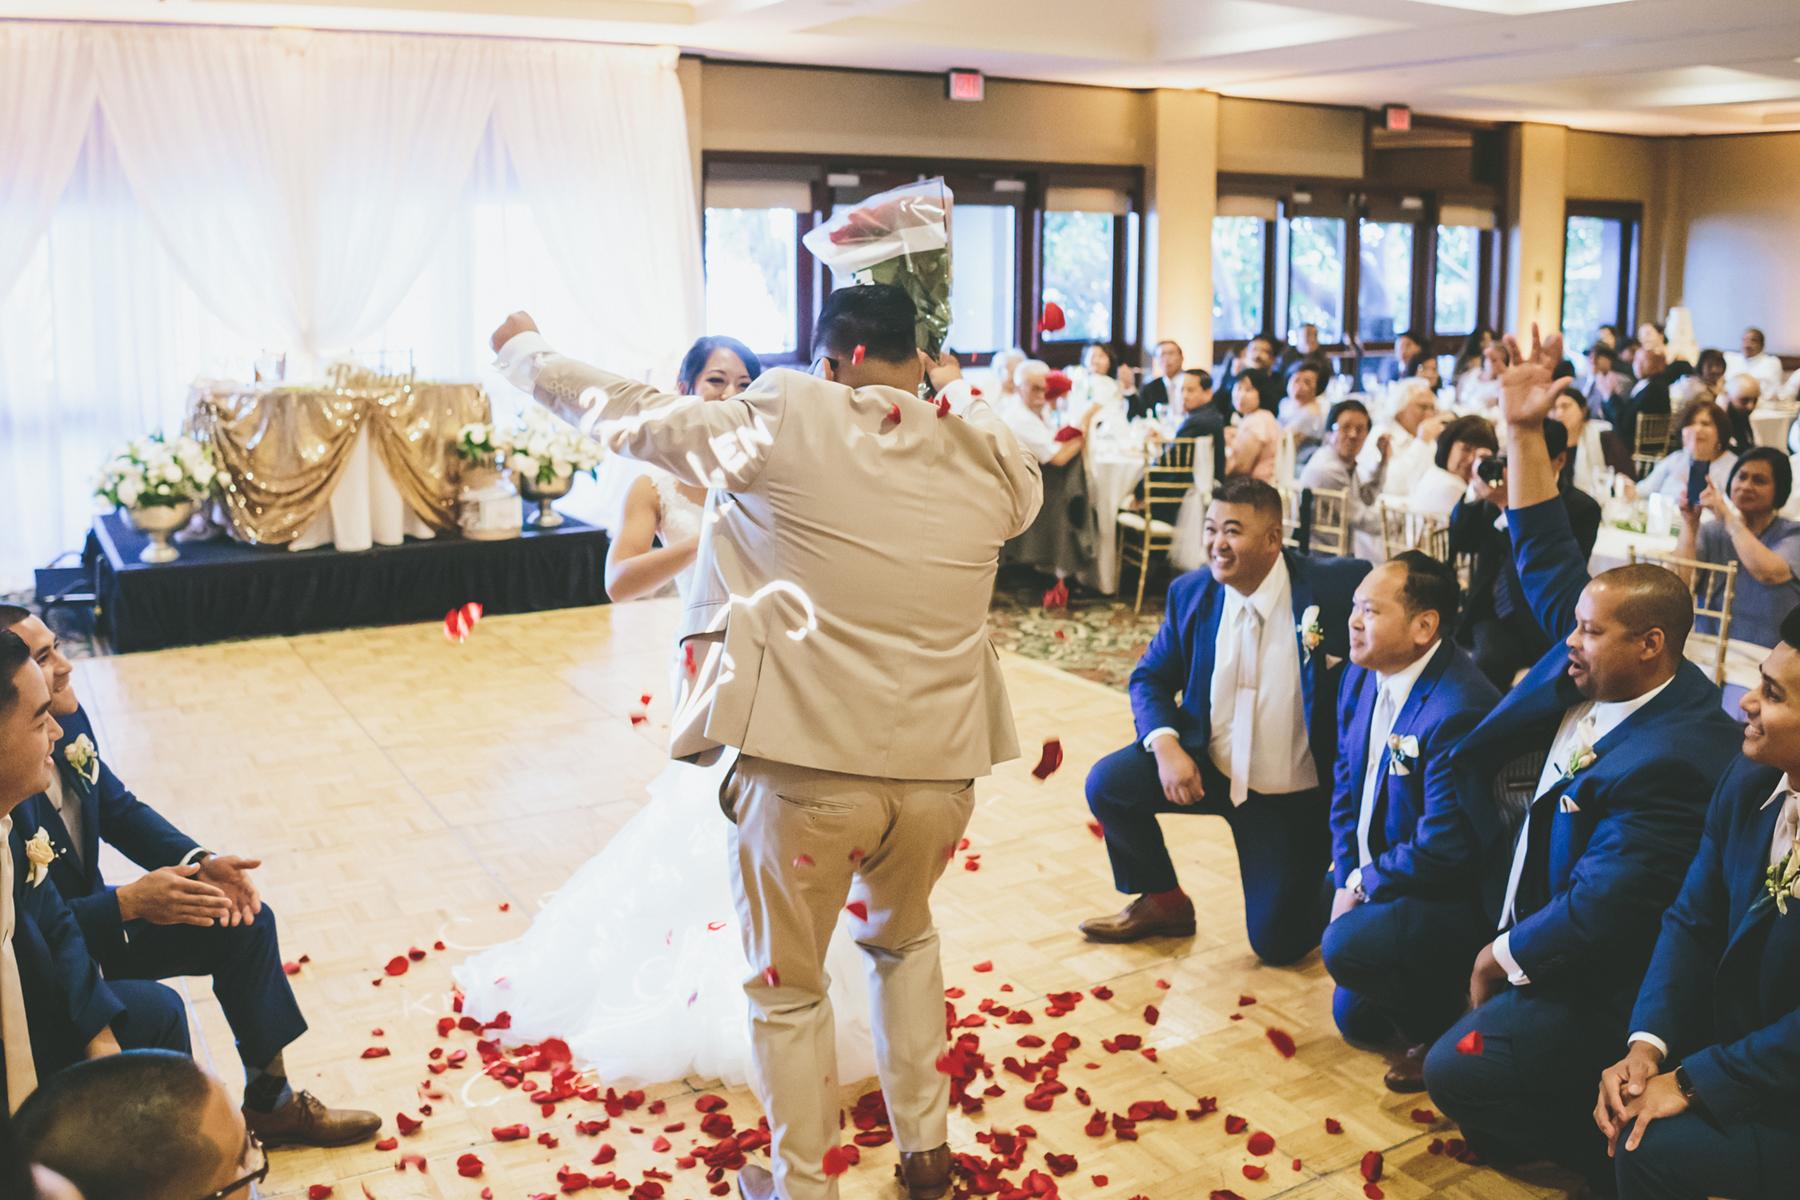 20180505_wedding_ednakris_0480_p_43528396182_o.jpg